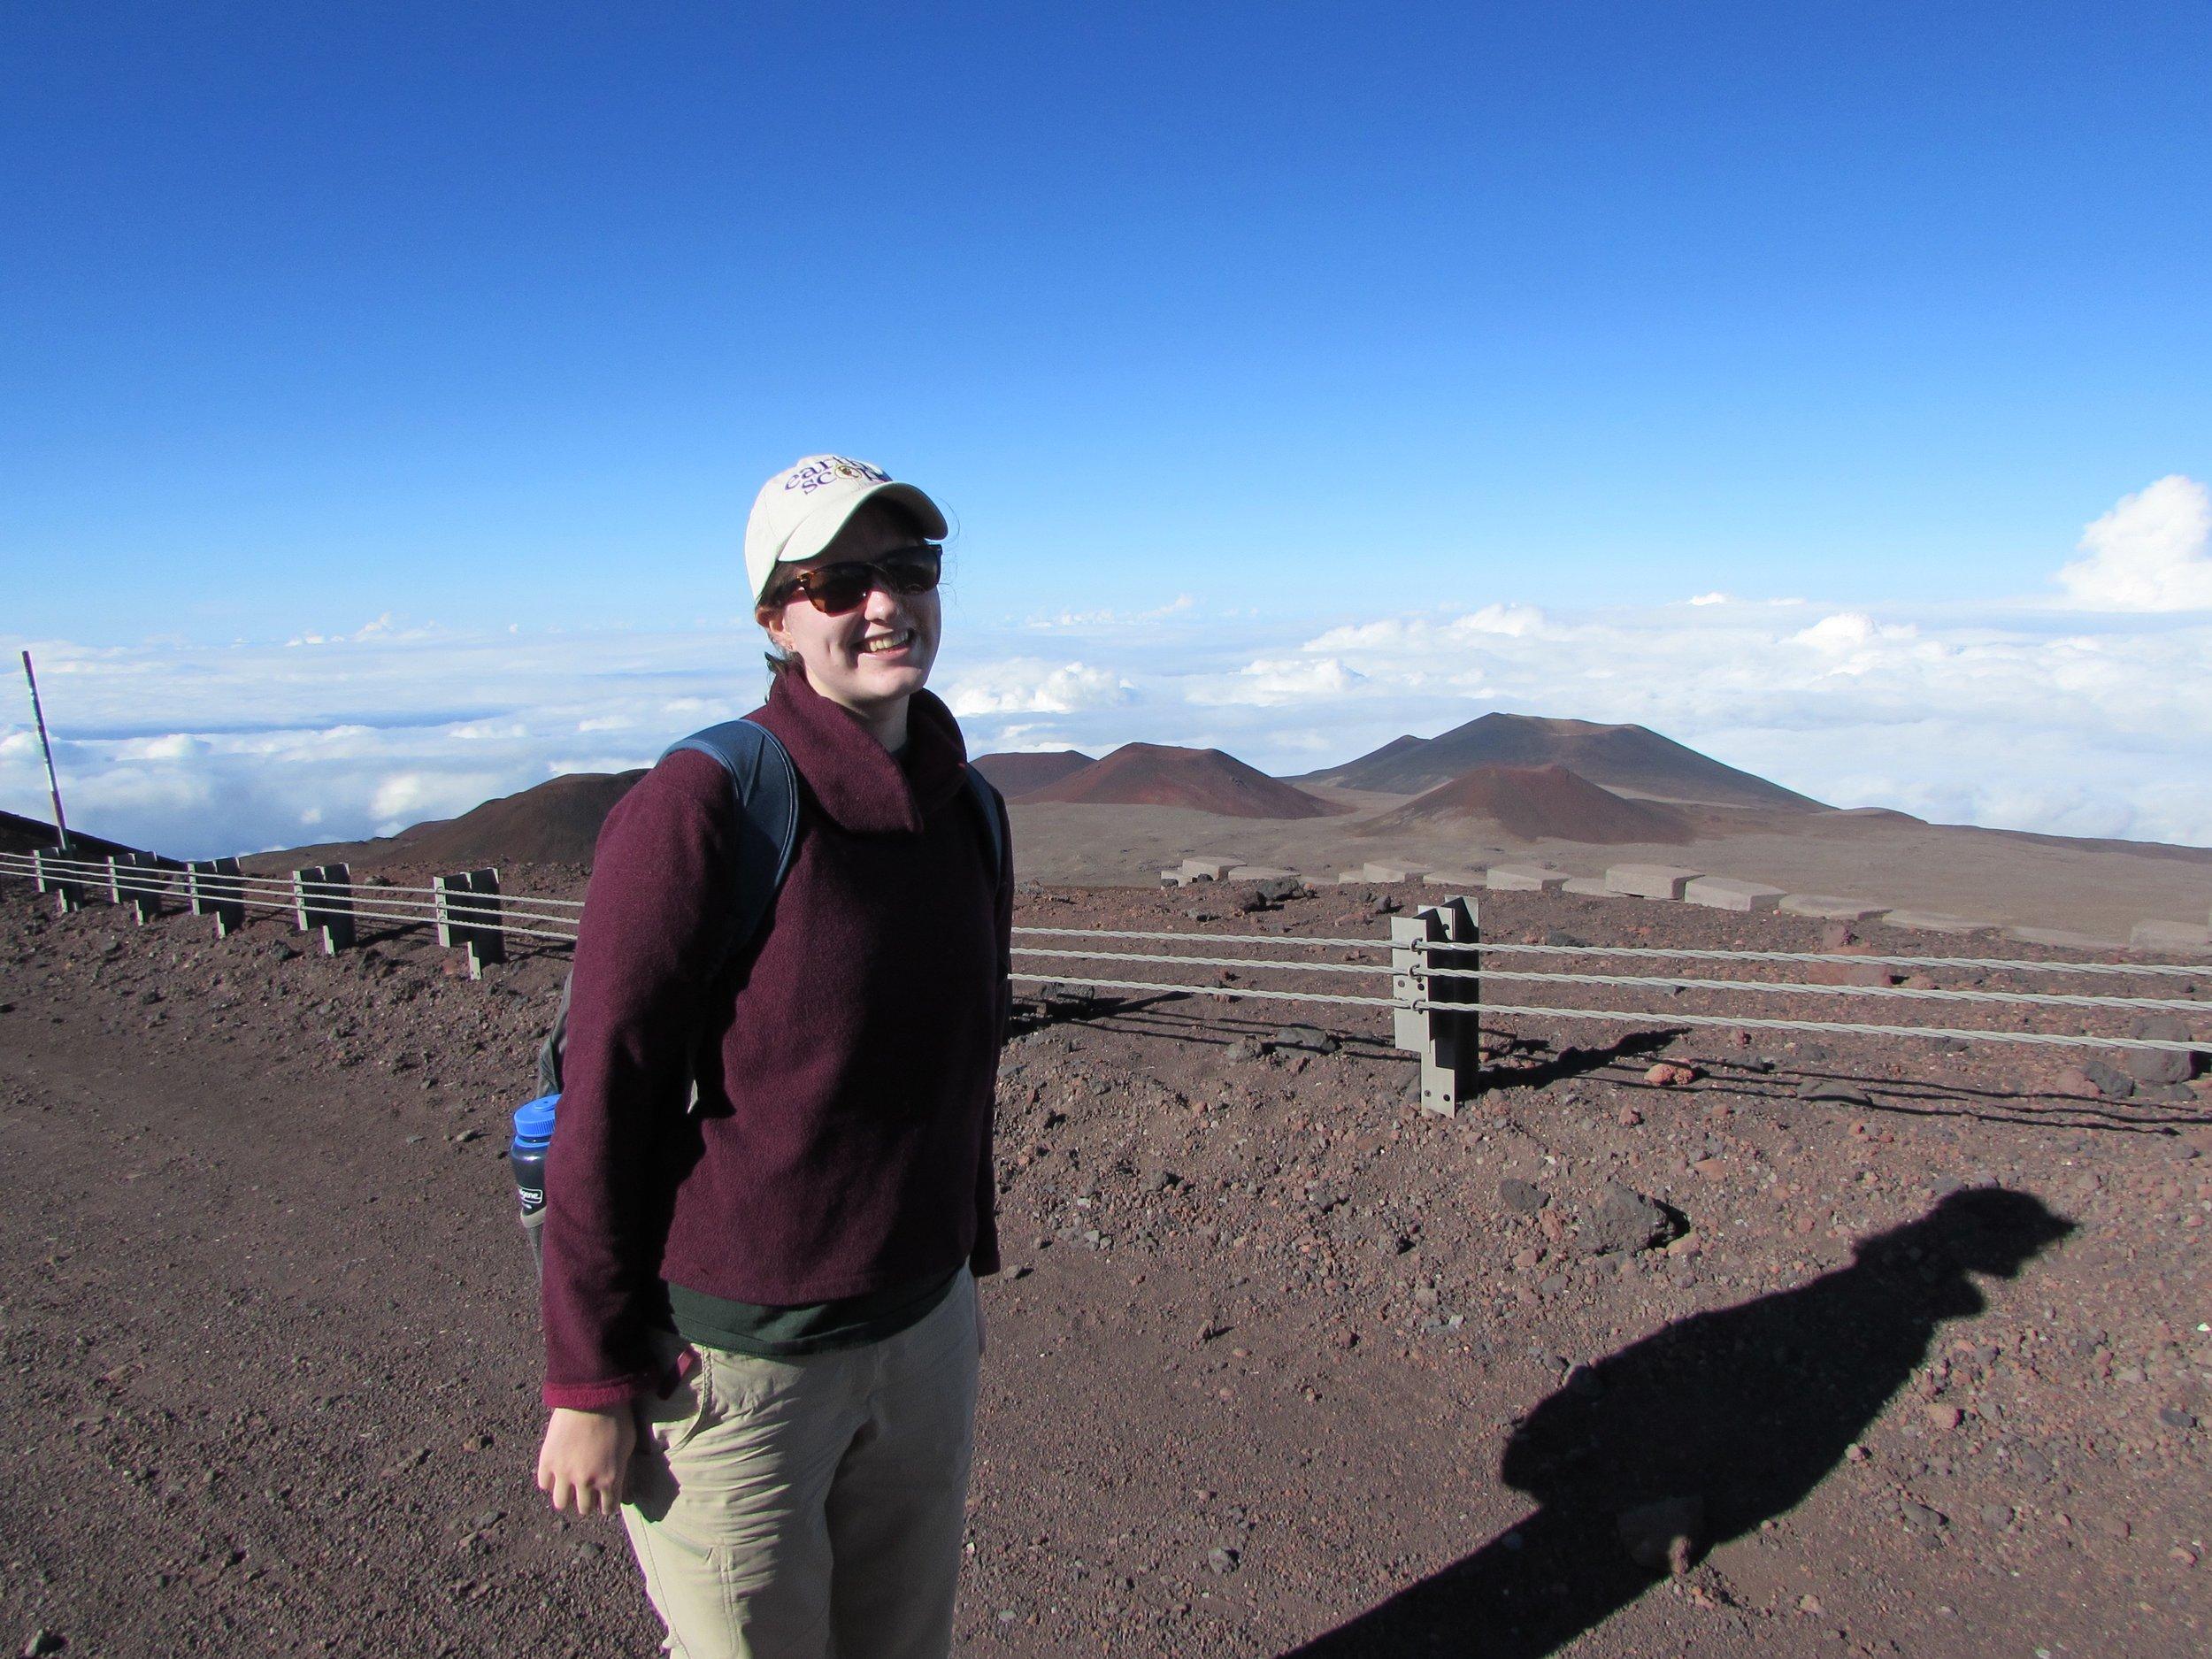 On the summit of Mauna Kea, Hawaii